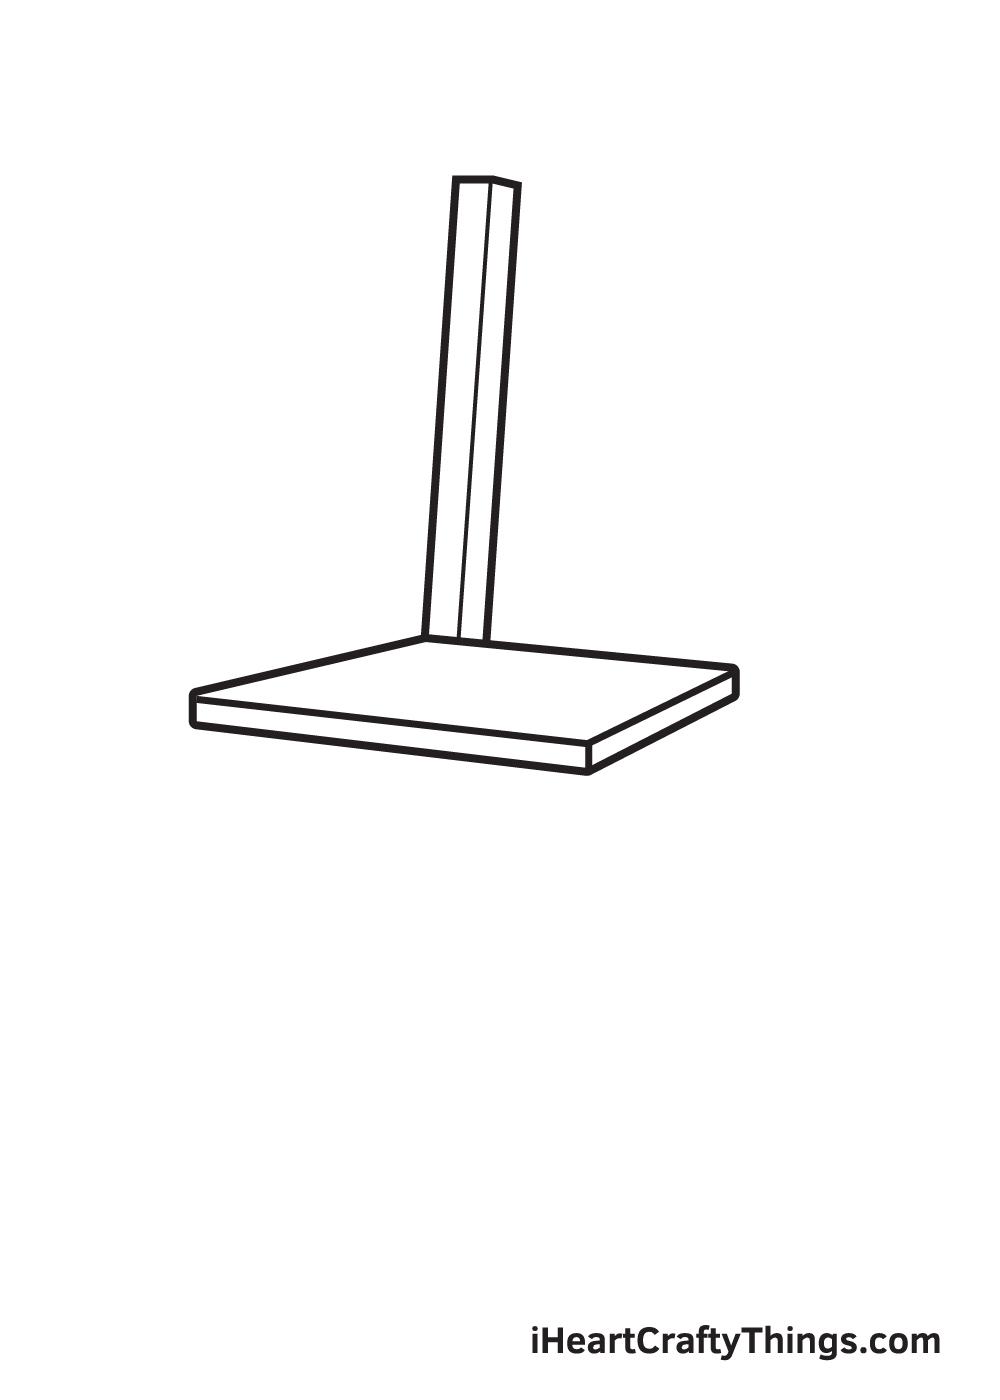 Vẽ ghế - Bước 2